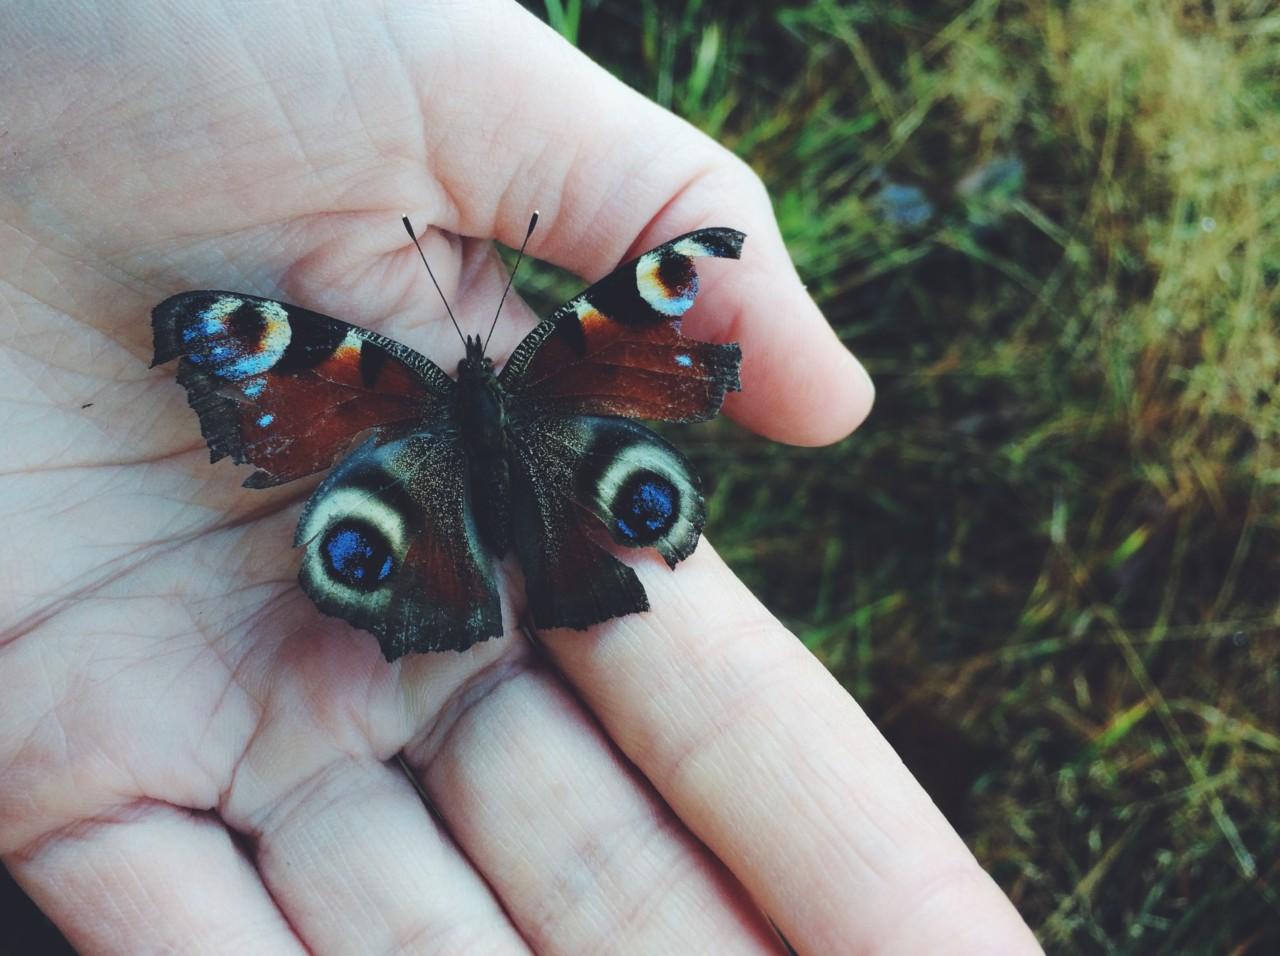 skadet-sommerfugl-karen-rosenberg-olsen-green-house